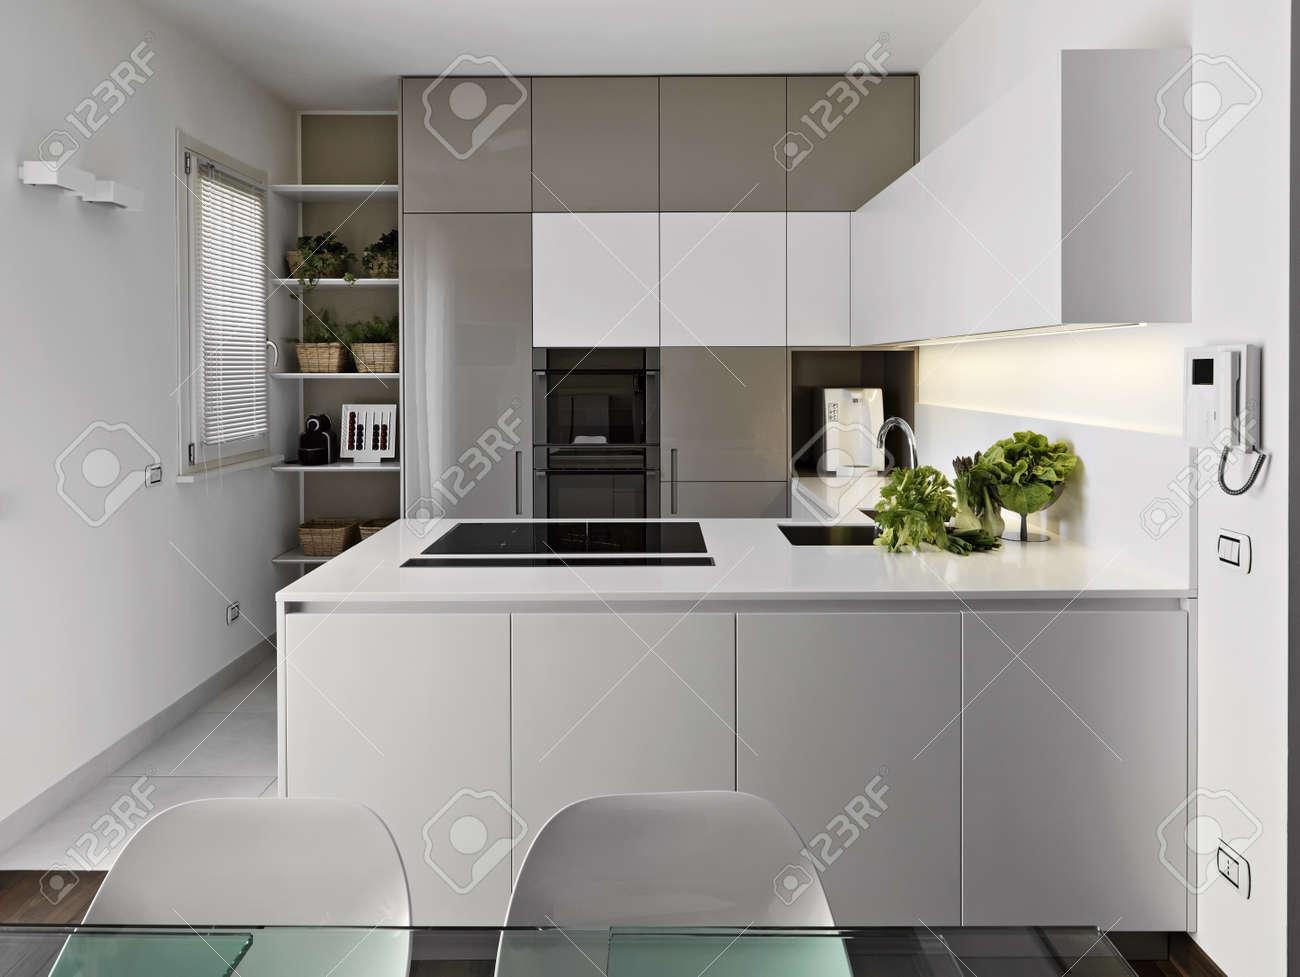 küchentheke ideen - kitchen -weiße küche - scandinavische küche